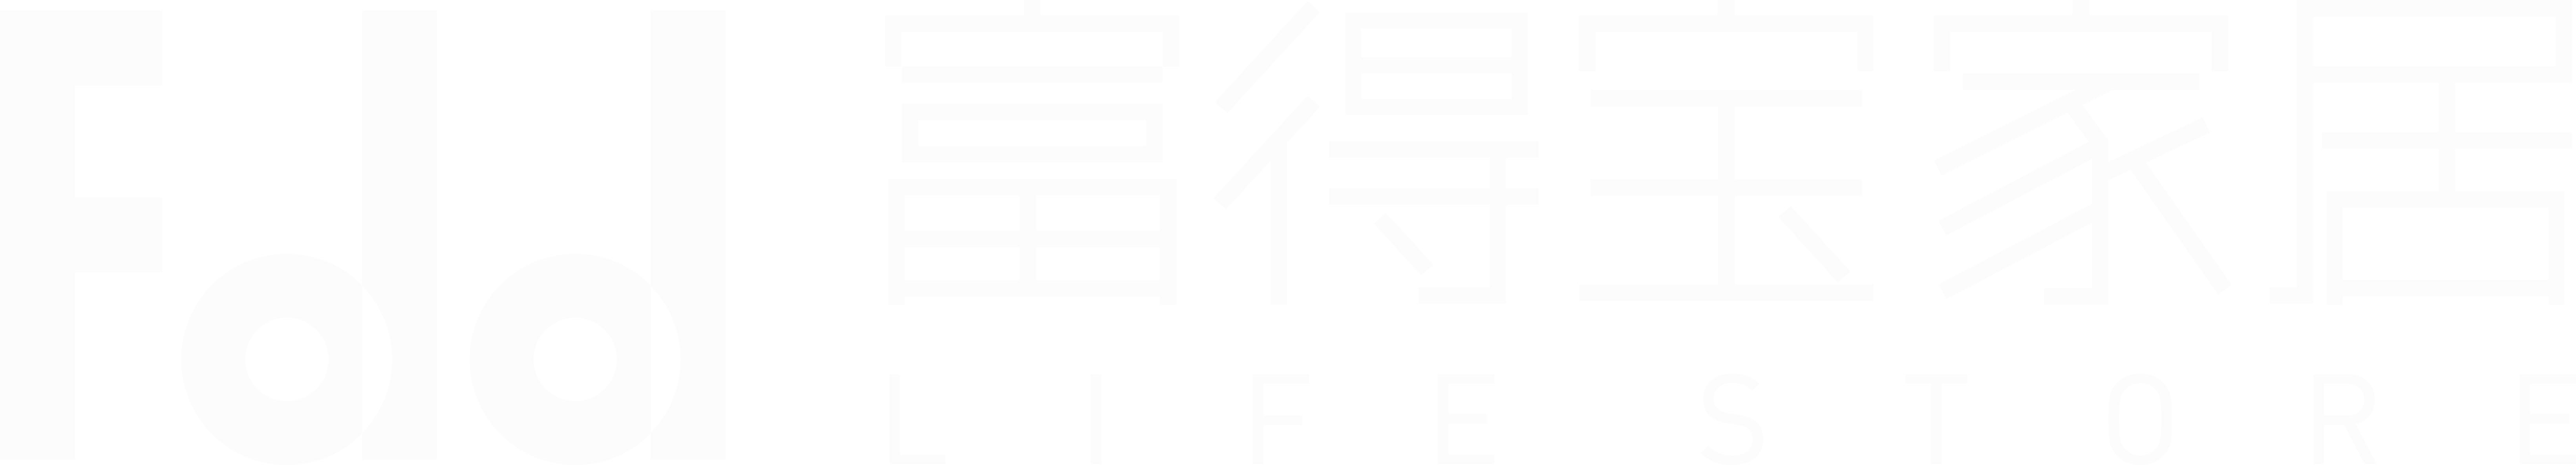 浙江富得宝家具有限公司